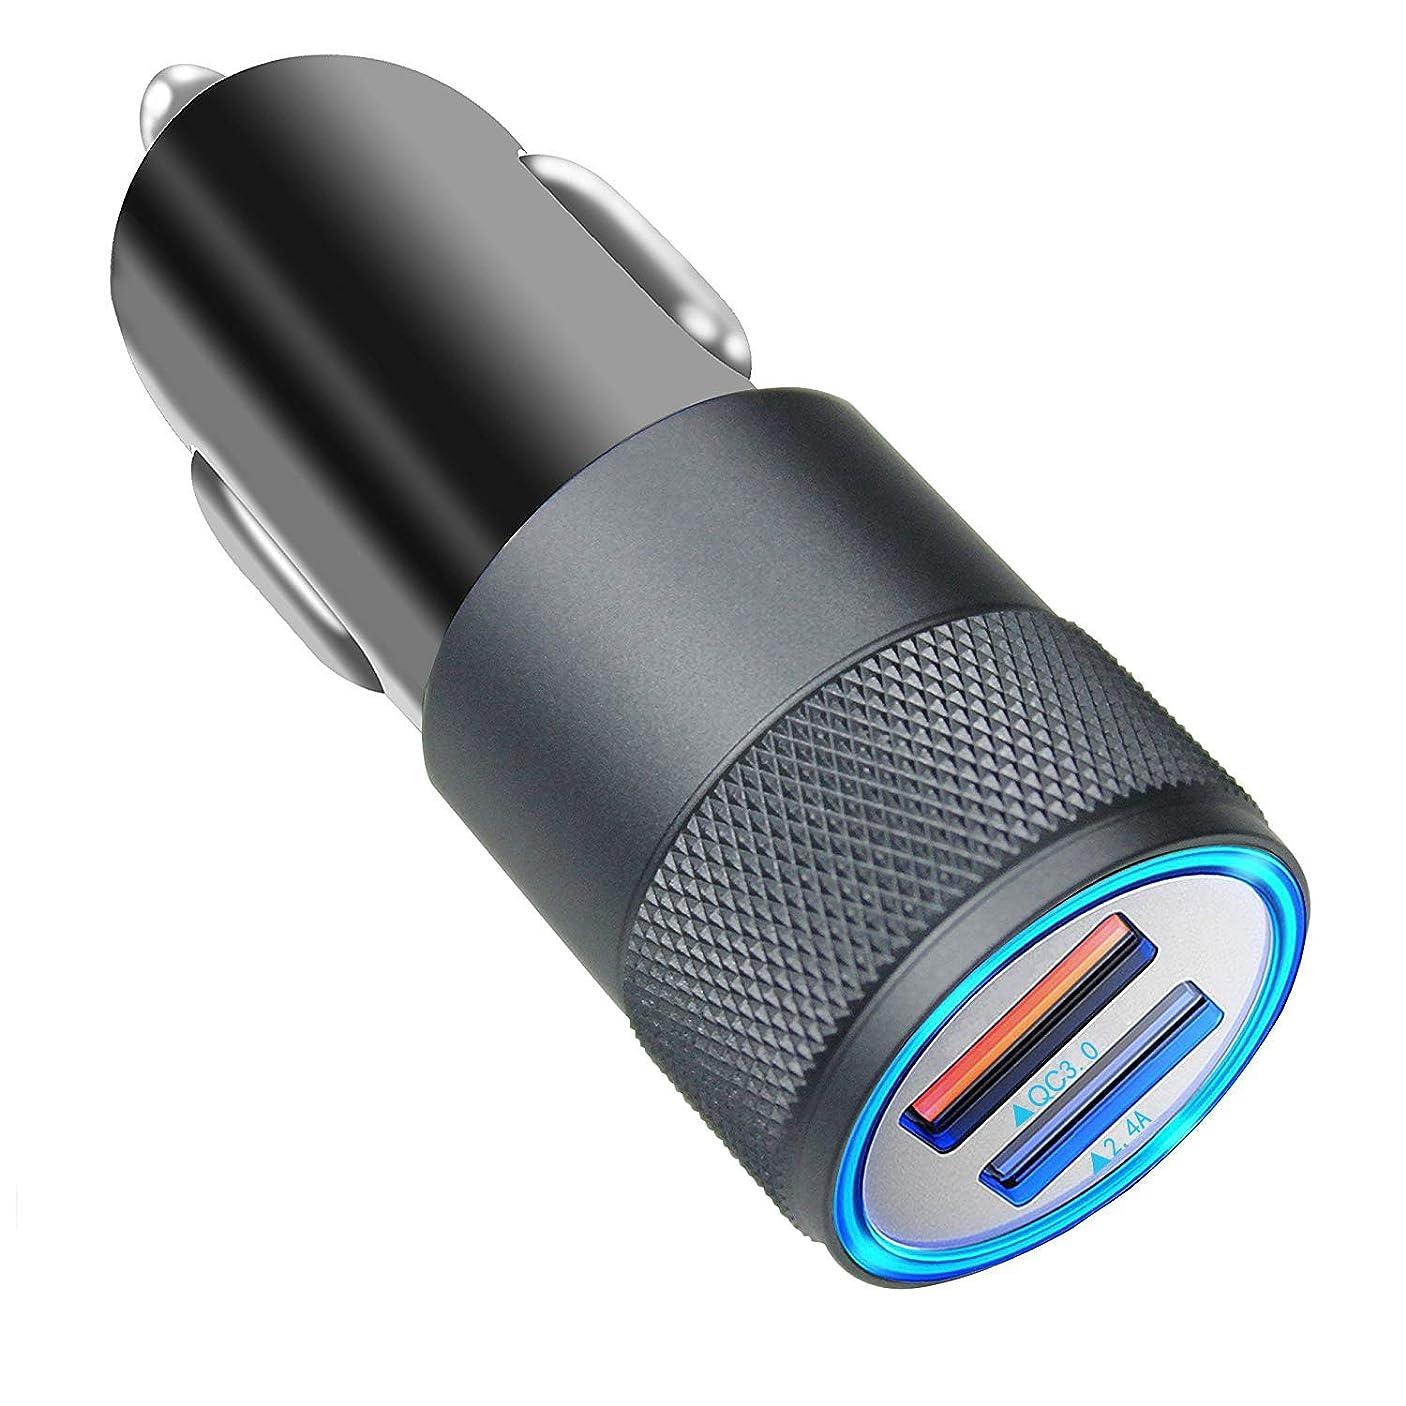 【急速充電Quick Charge 3.0 搭載】シガーソケットUSB カーチャージャー 小型 2ポート(QC3.0+2.4A) シガーライター 急速 車載充電器 12V-24V対応 タブレット スマホ充電器 アイコス コンパクト充電器(シルバーグレー)